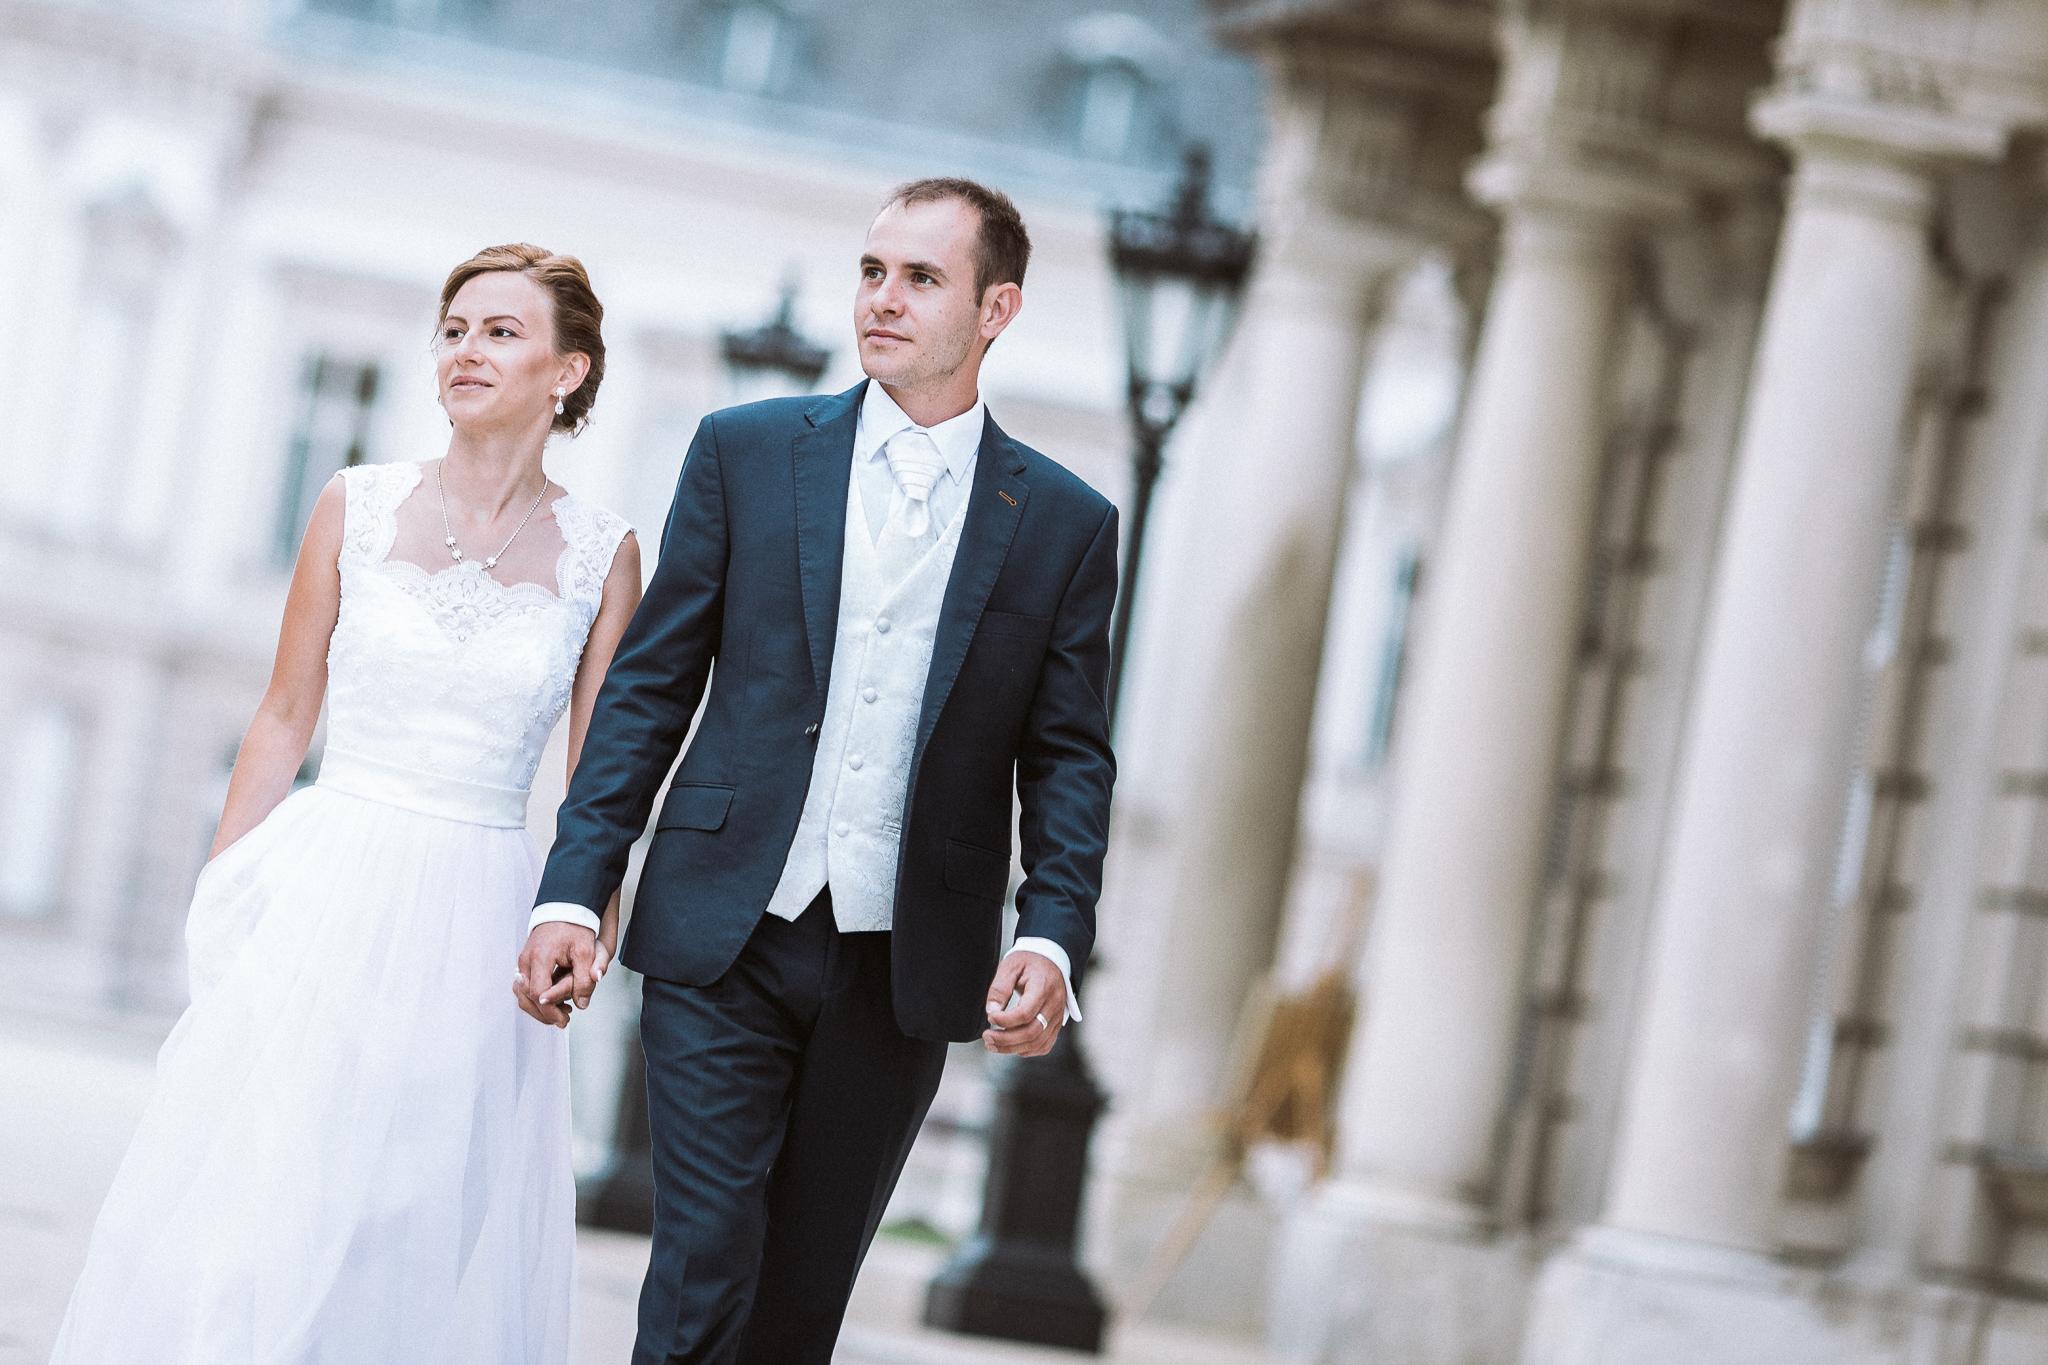 FylepPhoto, esküvőfotós, esküvői fotós Körmend, Szombathely, esküvőfotózás, magyarország, vas megye, prémium, jegyesfotózás, Fülöp Péter, körmend, kreatív, fotográfus_34-2.jpg